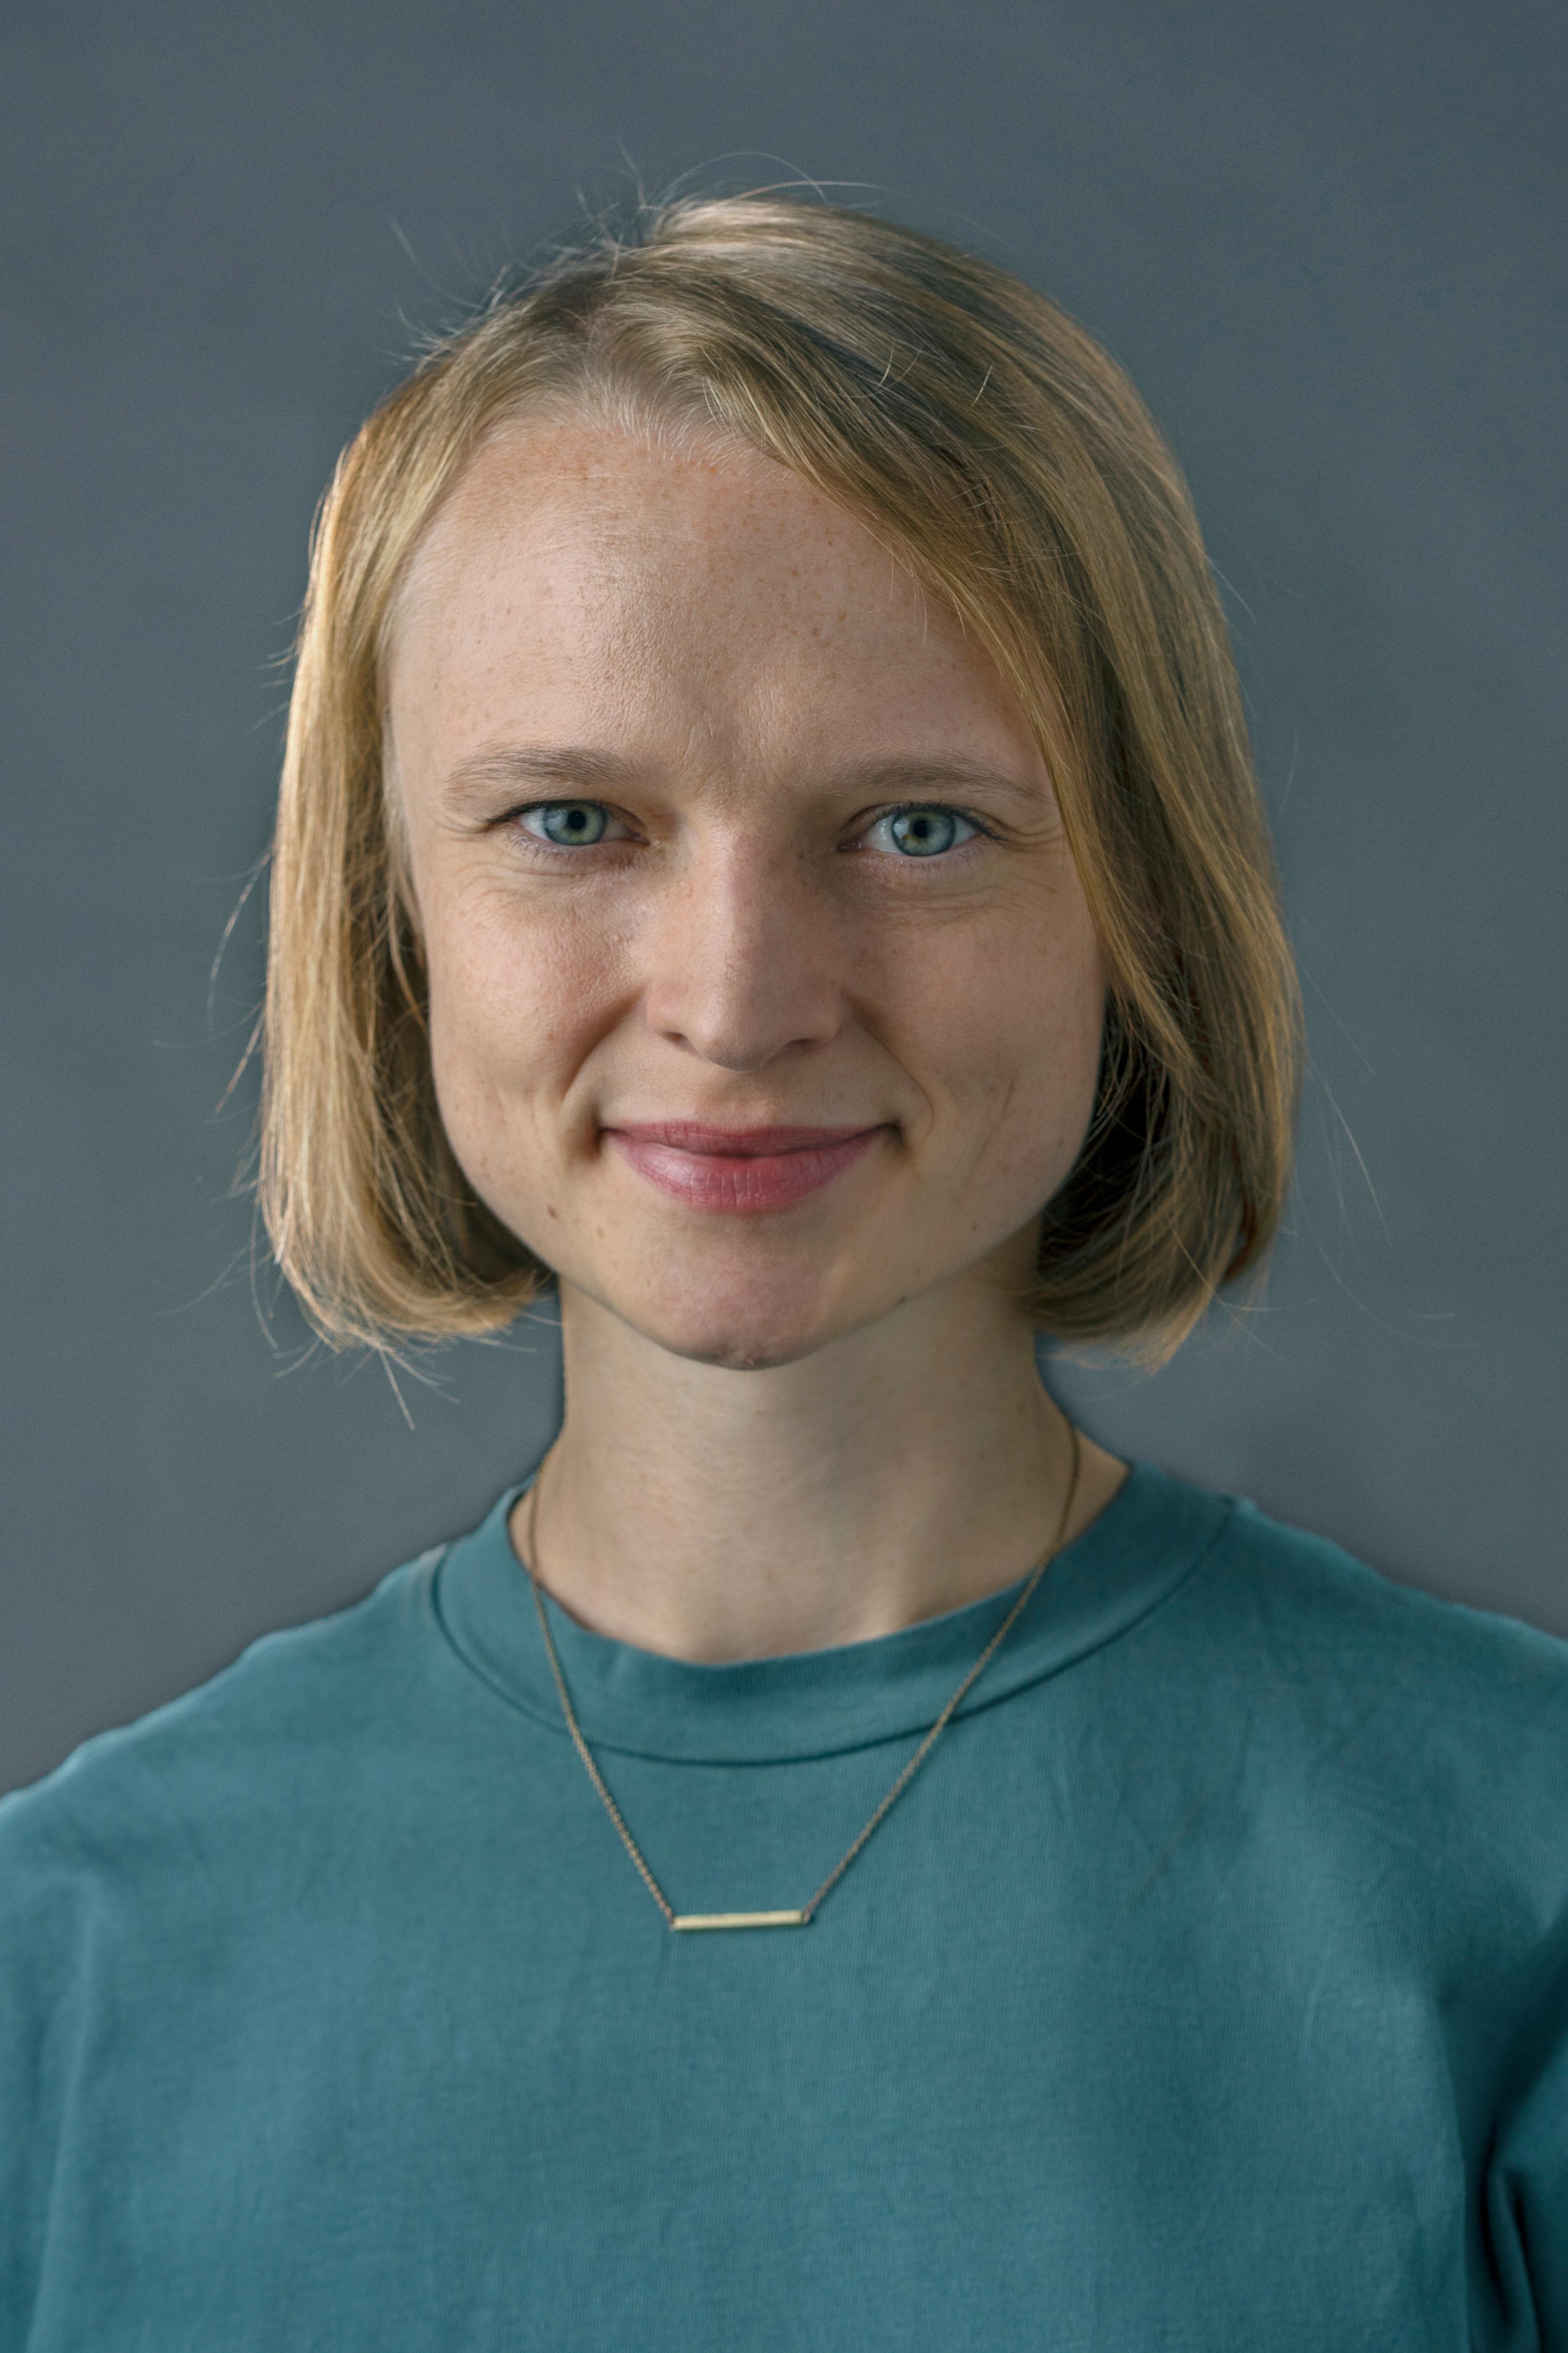 Eleonora Kleibel